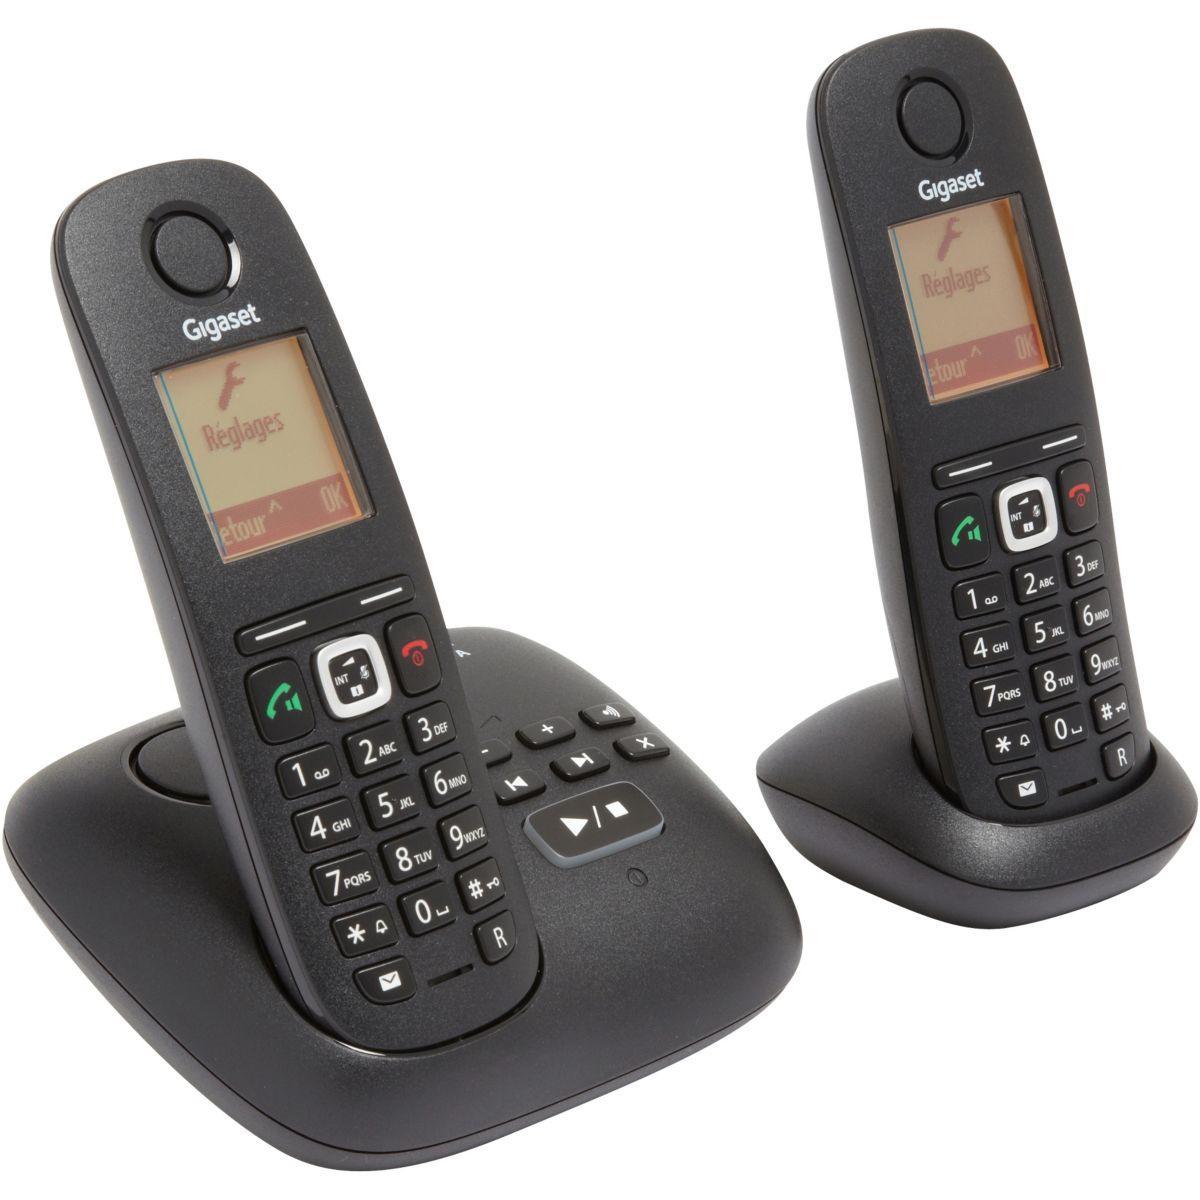 Téléphone répondeur sans fil duo gigaset a540a - livraison offerte avec le code livofferte (photo)